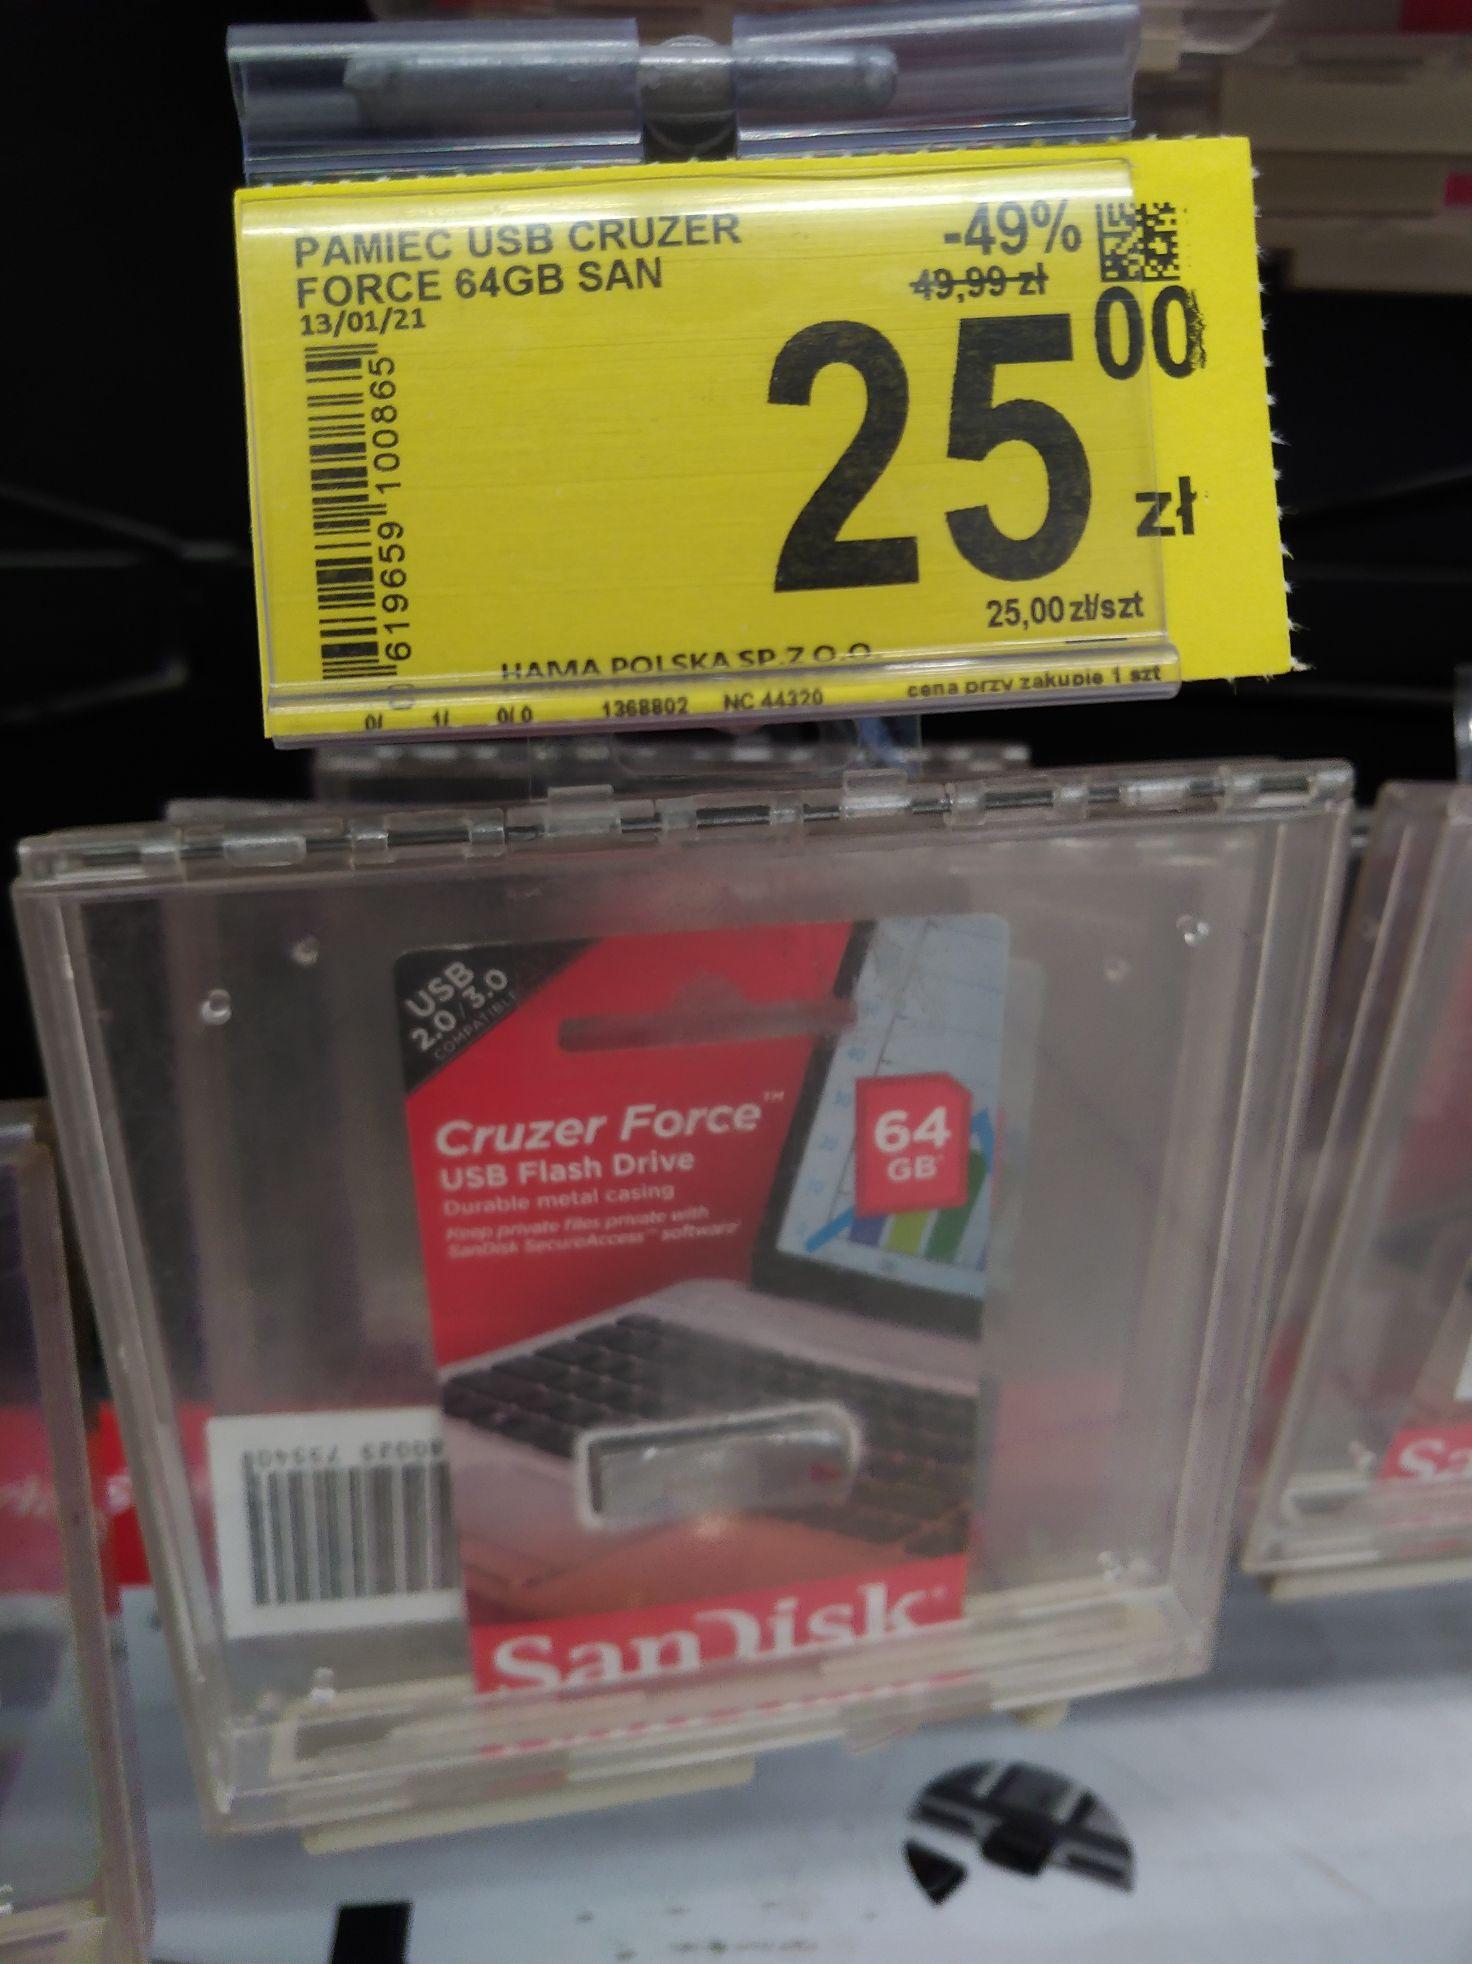 Sandisk Cruzer Force 64 GB i inne